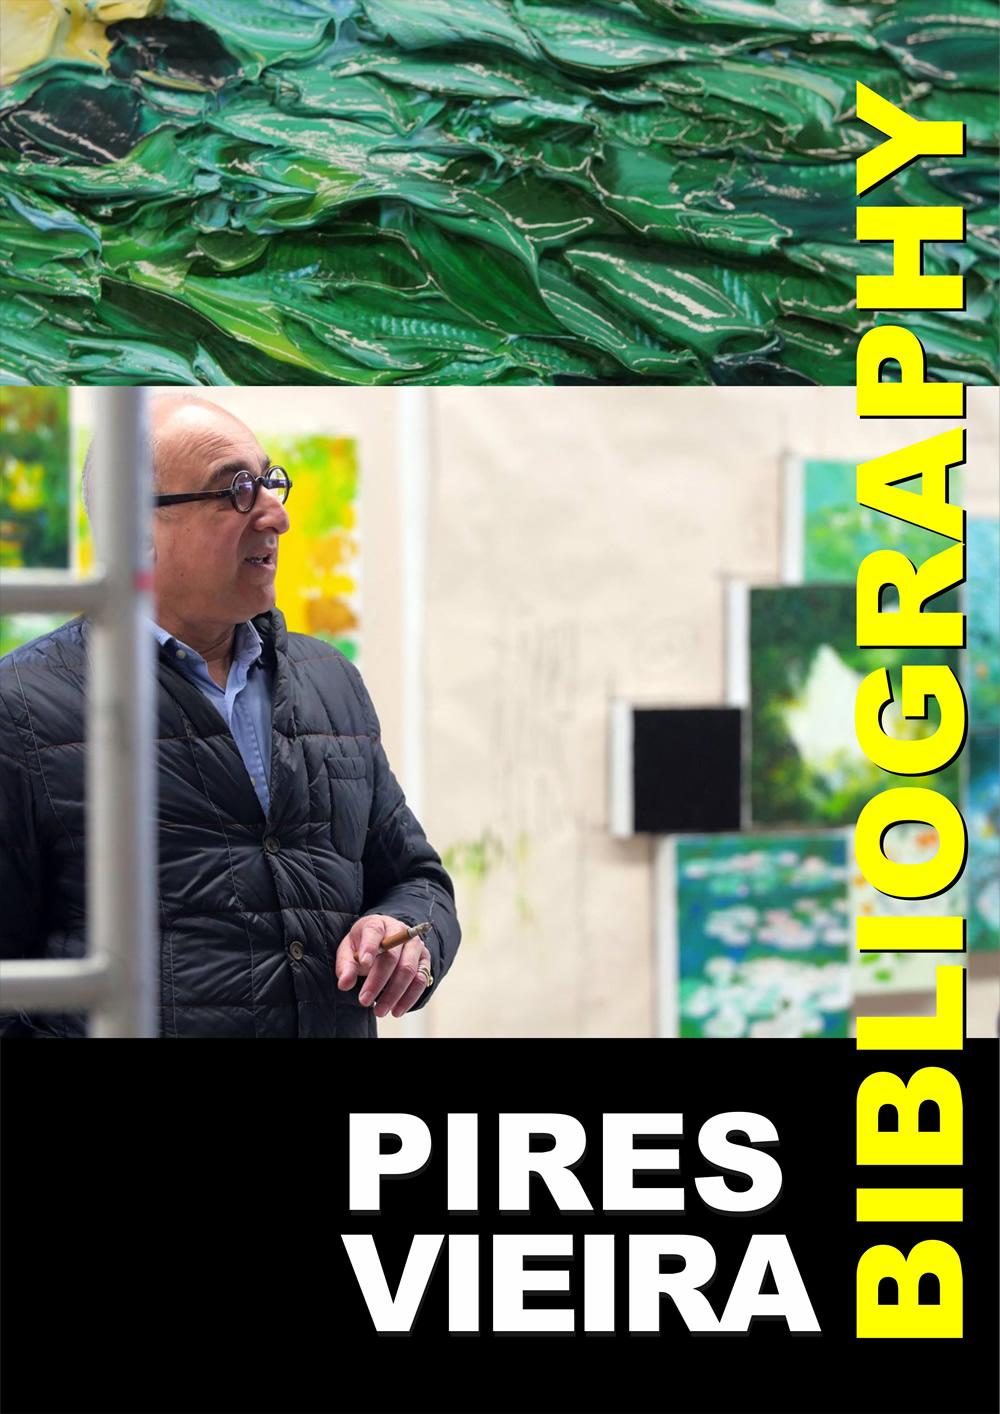 PIRES VIEIRA - WEBSITE